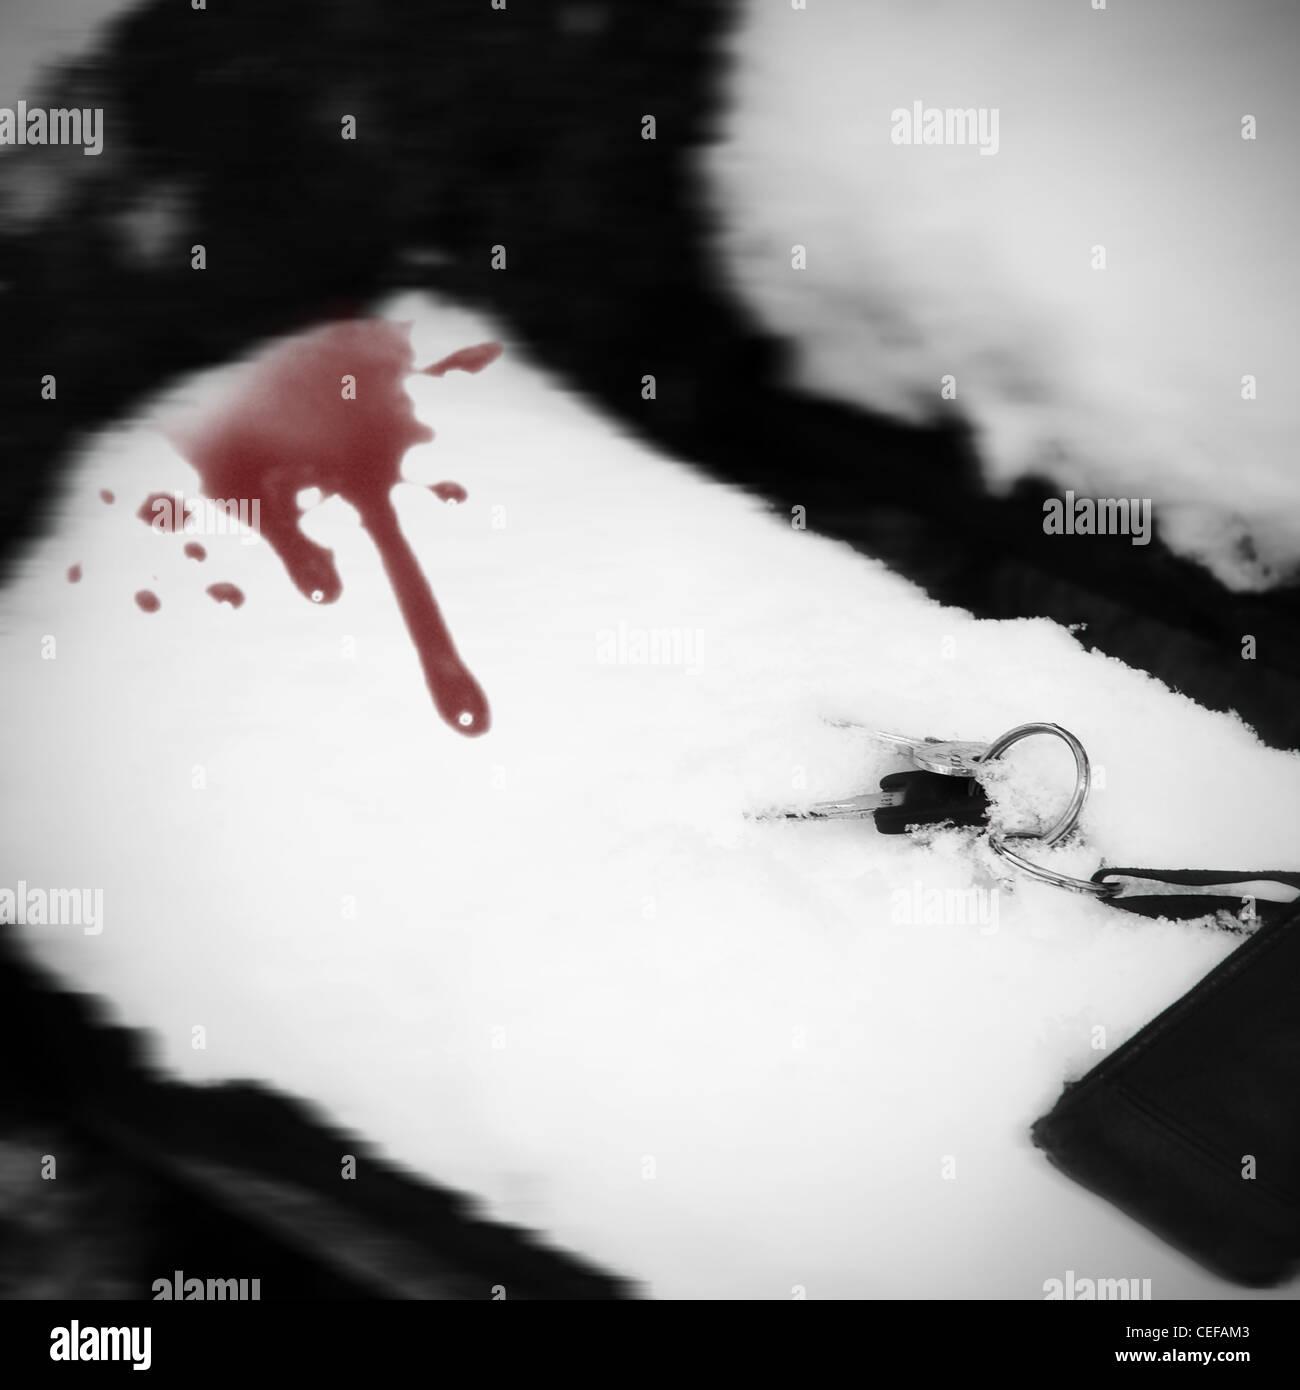 Portachiavi su un banco di lavoro con la neve con gocce di sangue Immagini Stock